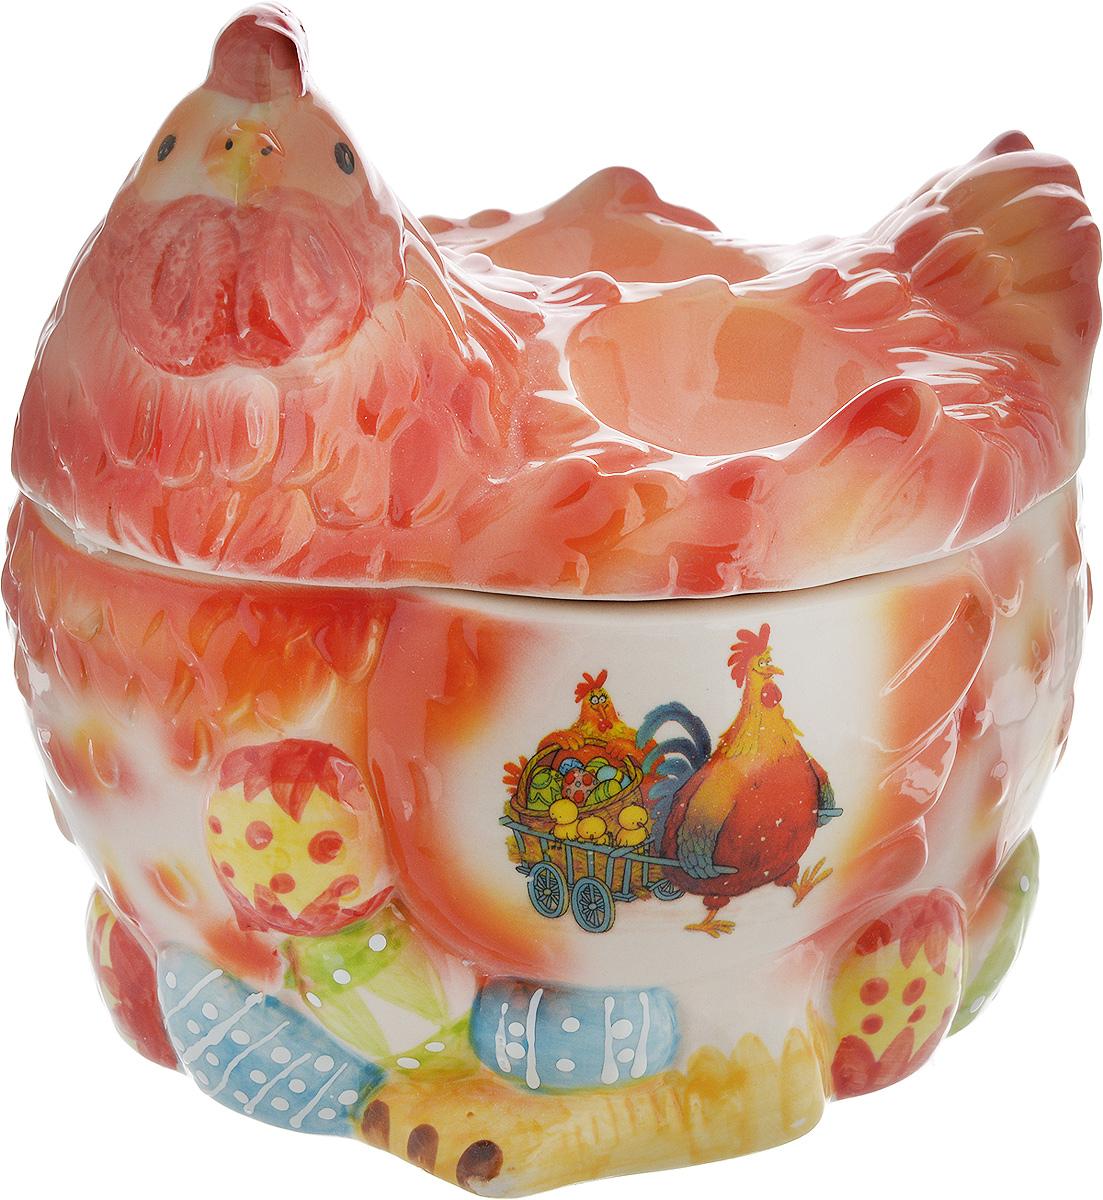 Ваза Win Max Курочка, для пасхальных яиц и угощений, 16 х 17 х 14 смVT-1520(SR)Ваза Win Max изготовлена из высококачественной керамики с глазурованным покрытием и оформлена рельефным рисунком. Изделие дополнено крышкой, которая выполнена в виде фигурки курочки. На крышке расположены две подставки для яиц. Оригинальный дизайн украсит интерьер вашей кухни, а функциональность порадует любую хозяйку. Размеры емкости (без учета крышки): 16 х 13х 9 смВысота крышки: 9 см